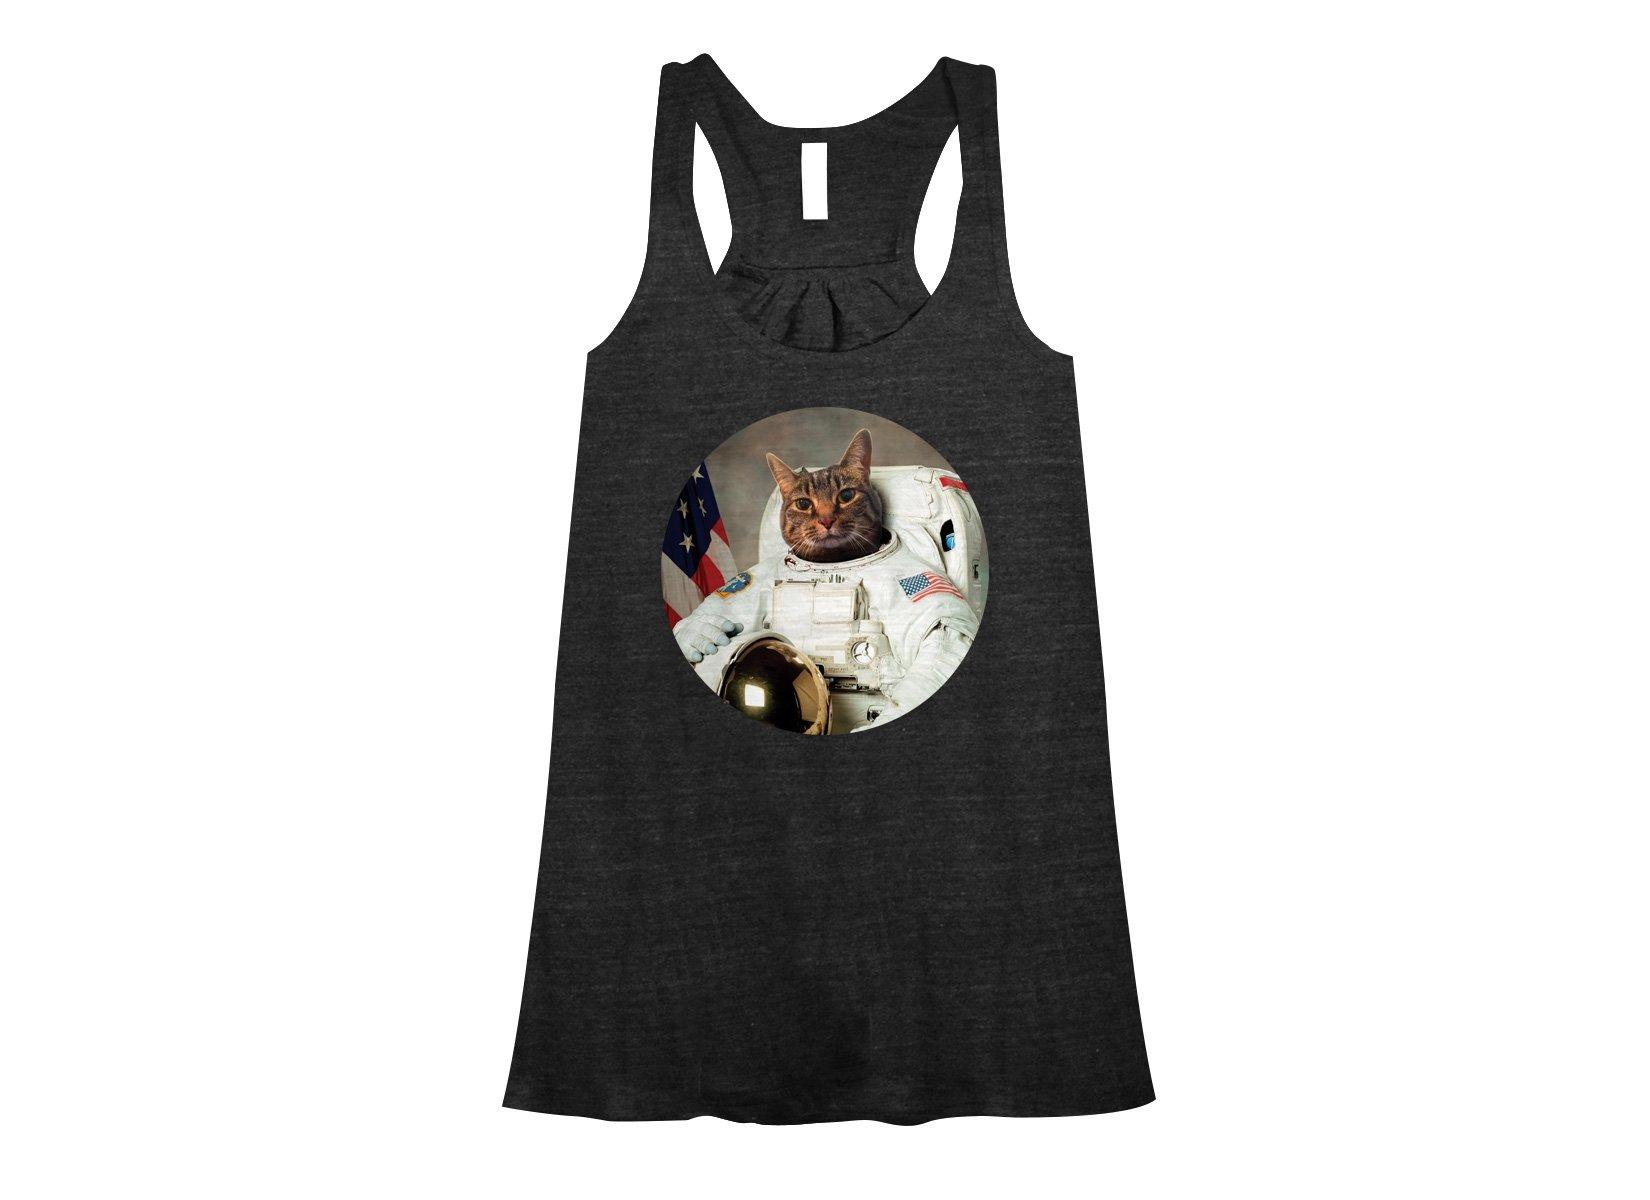 Astrocat on Womens Tanks T-Shirt